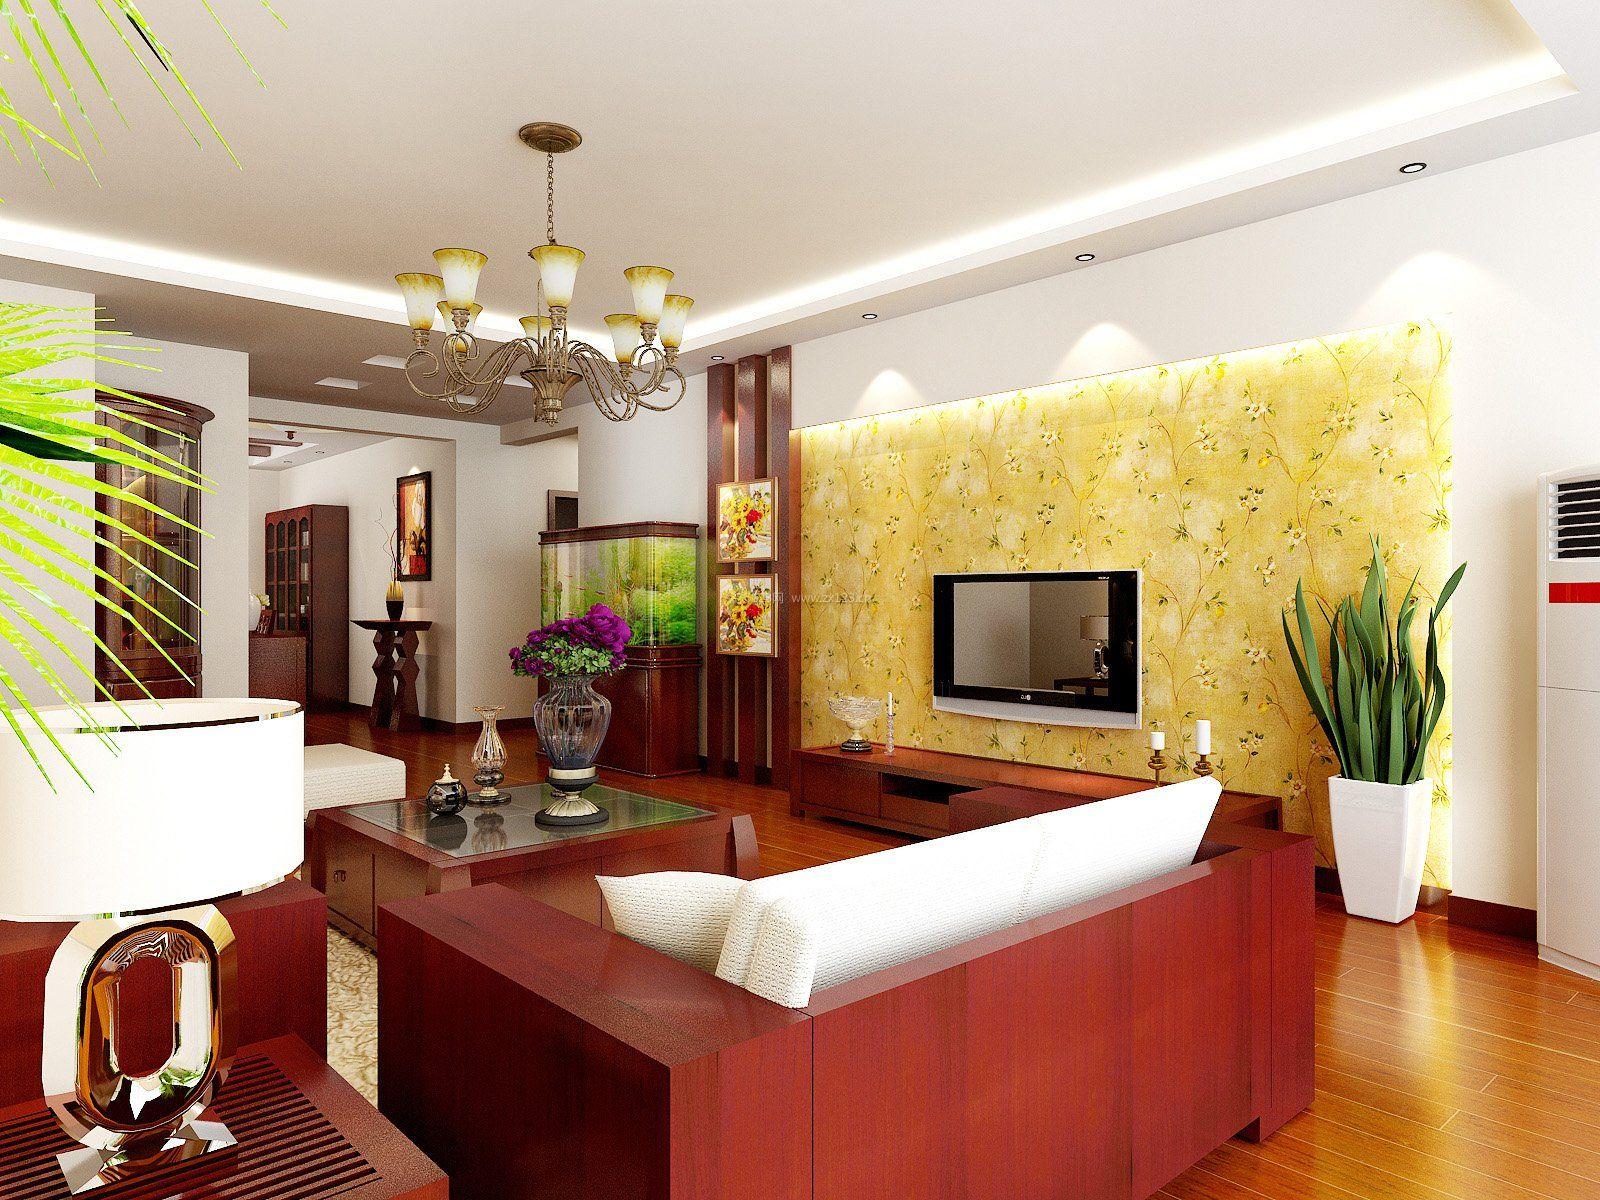 现代中式装修客厅红木沙发背景墙效果图